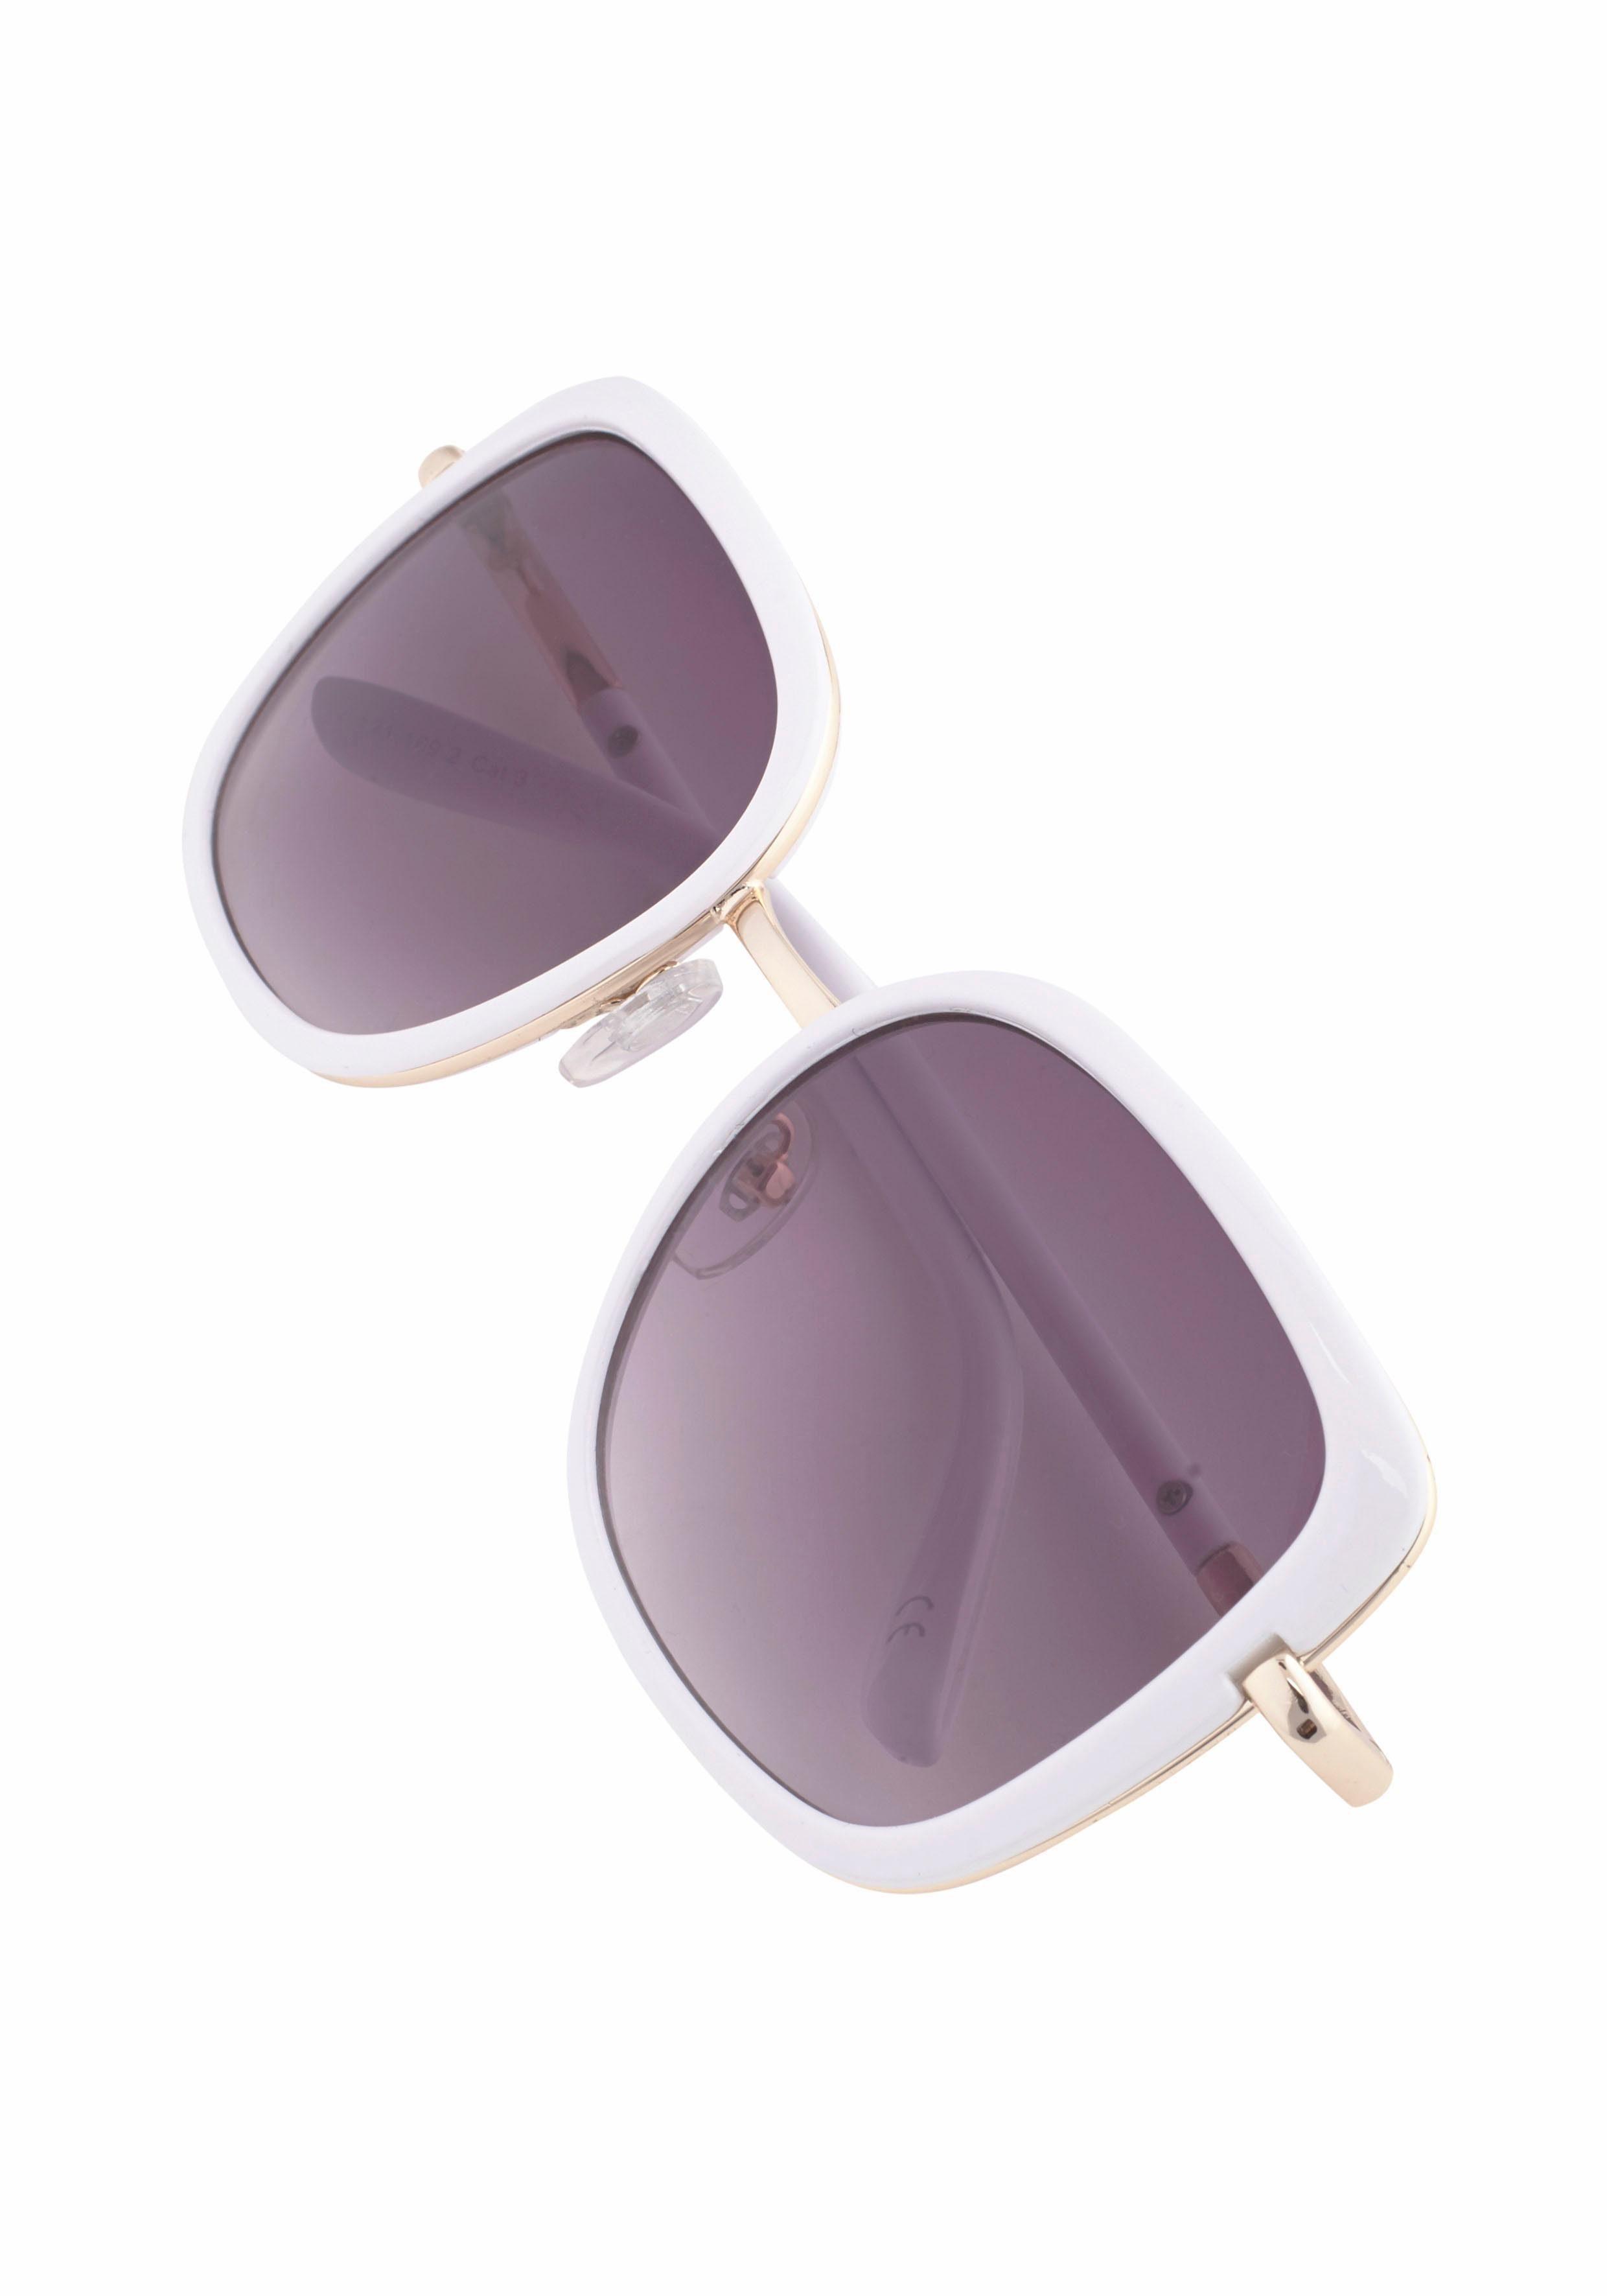 catwalk Eyewear Sonnenbrille, mit Rahmen im Materialmix